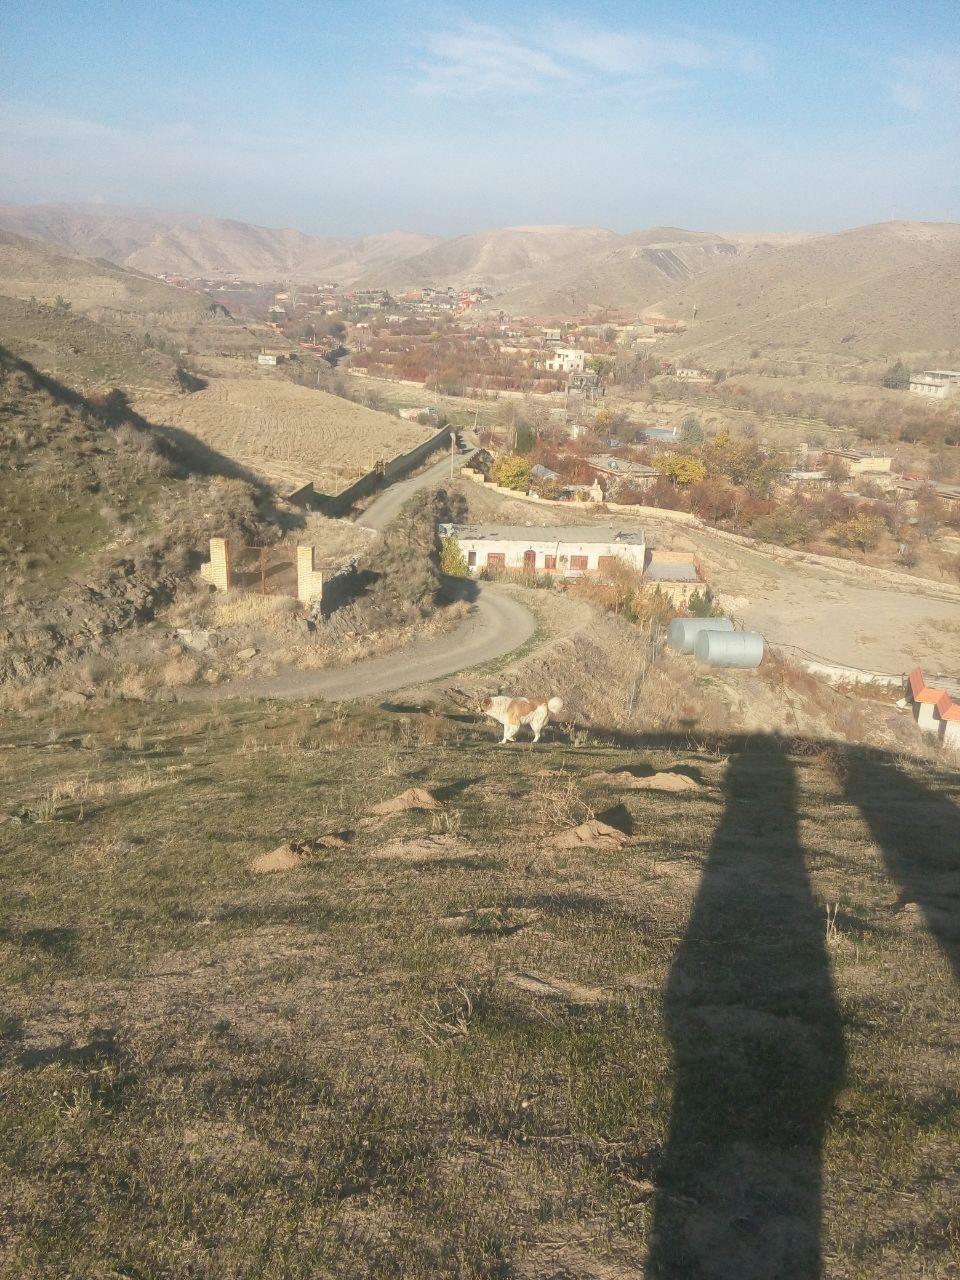 یه جای بسیار زیبا حوالی مشهد. مسعودآریایی